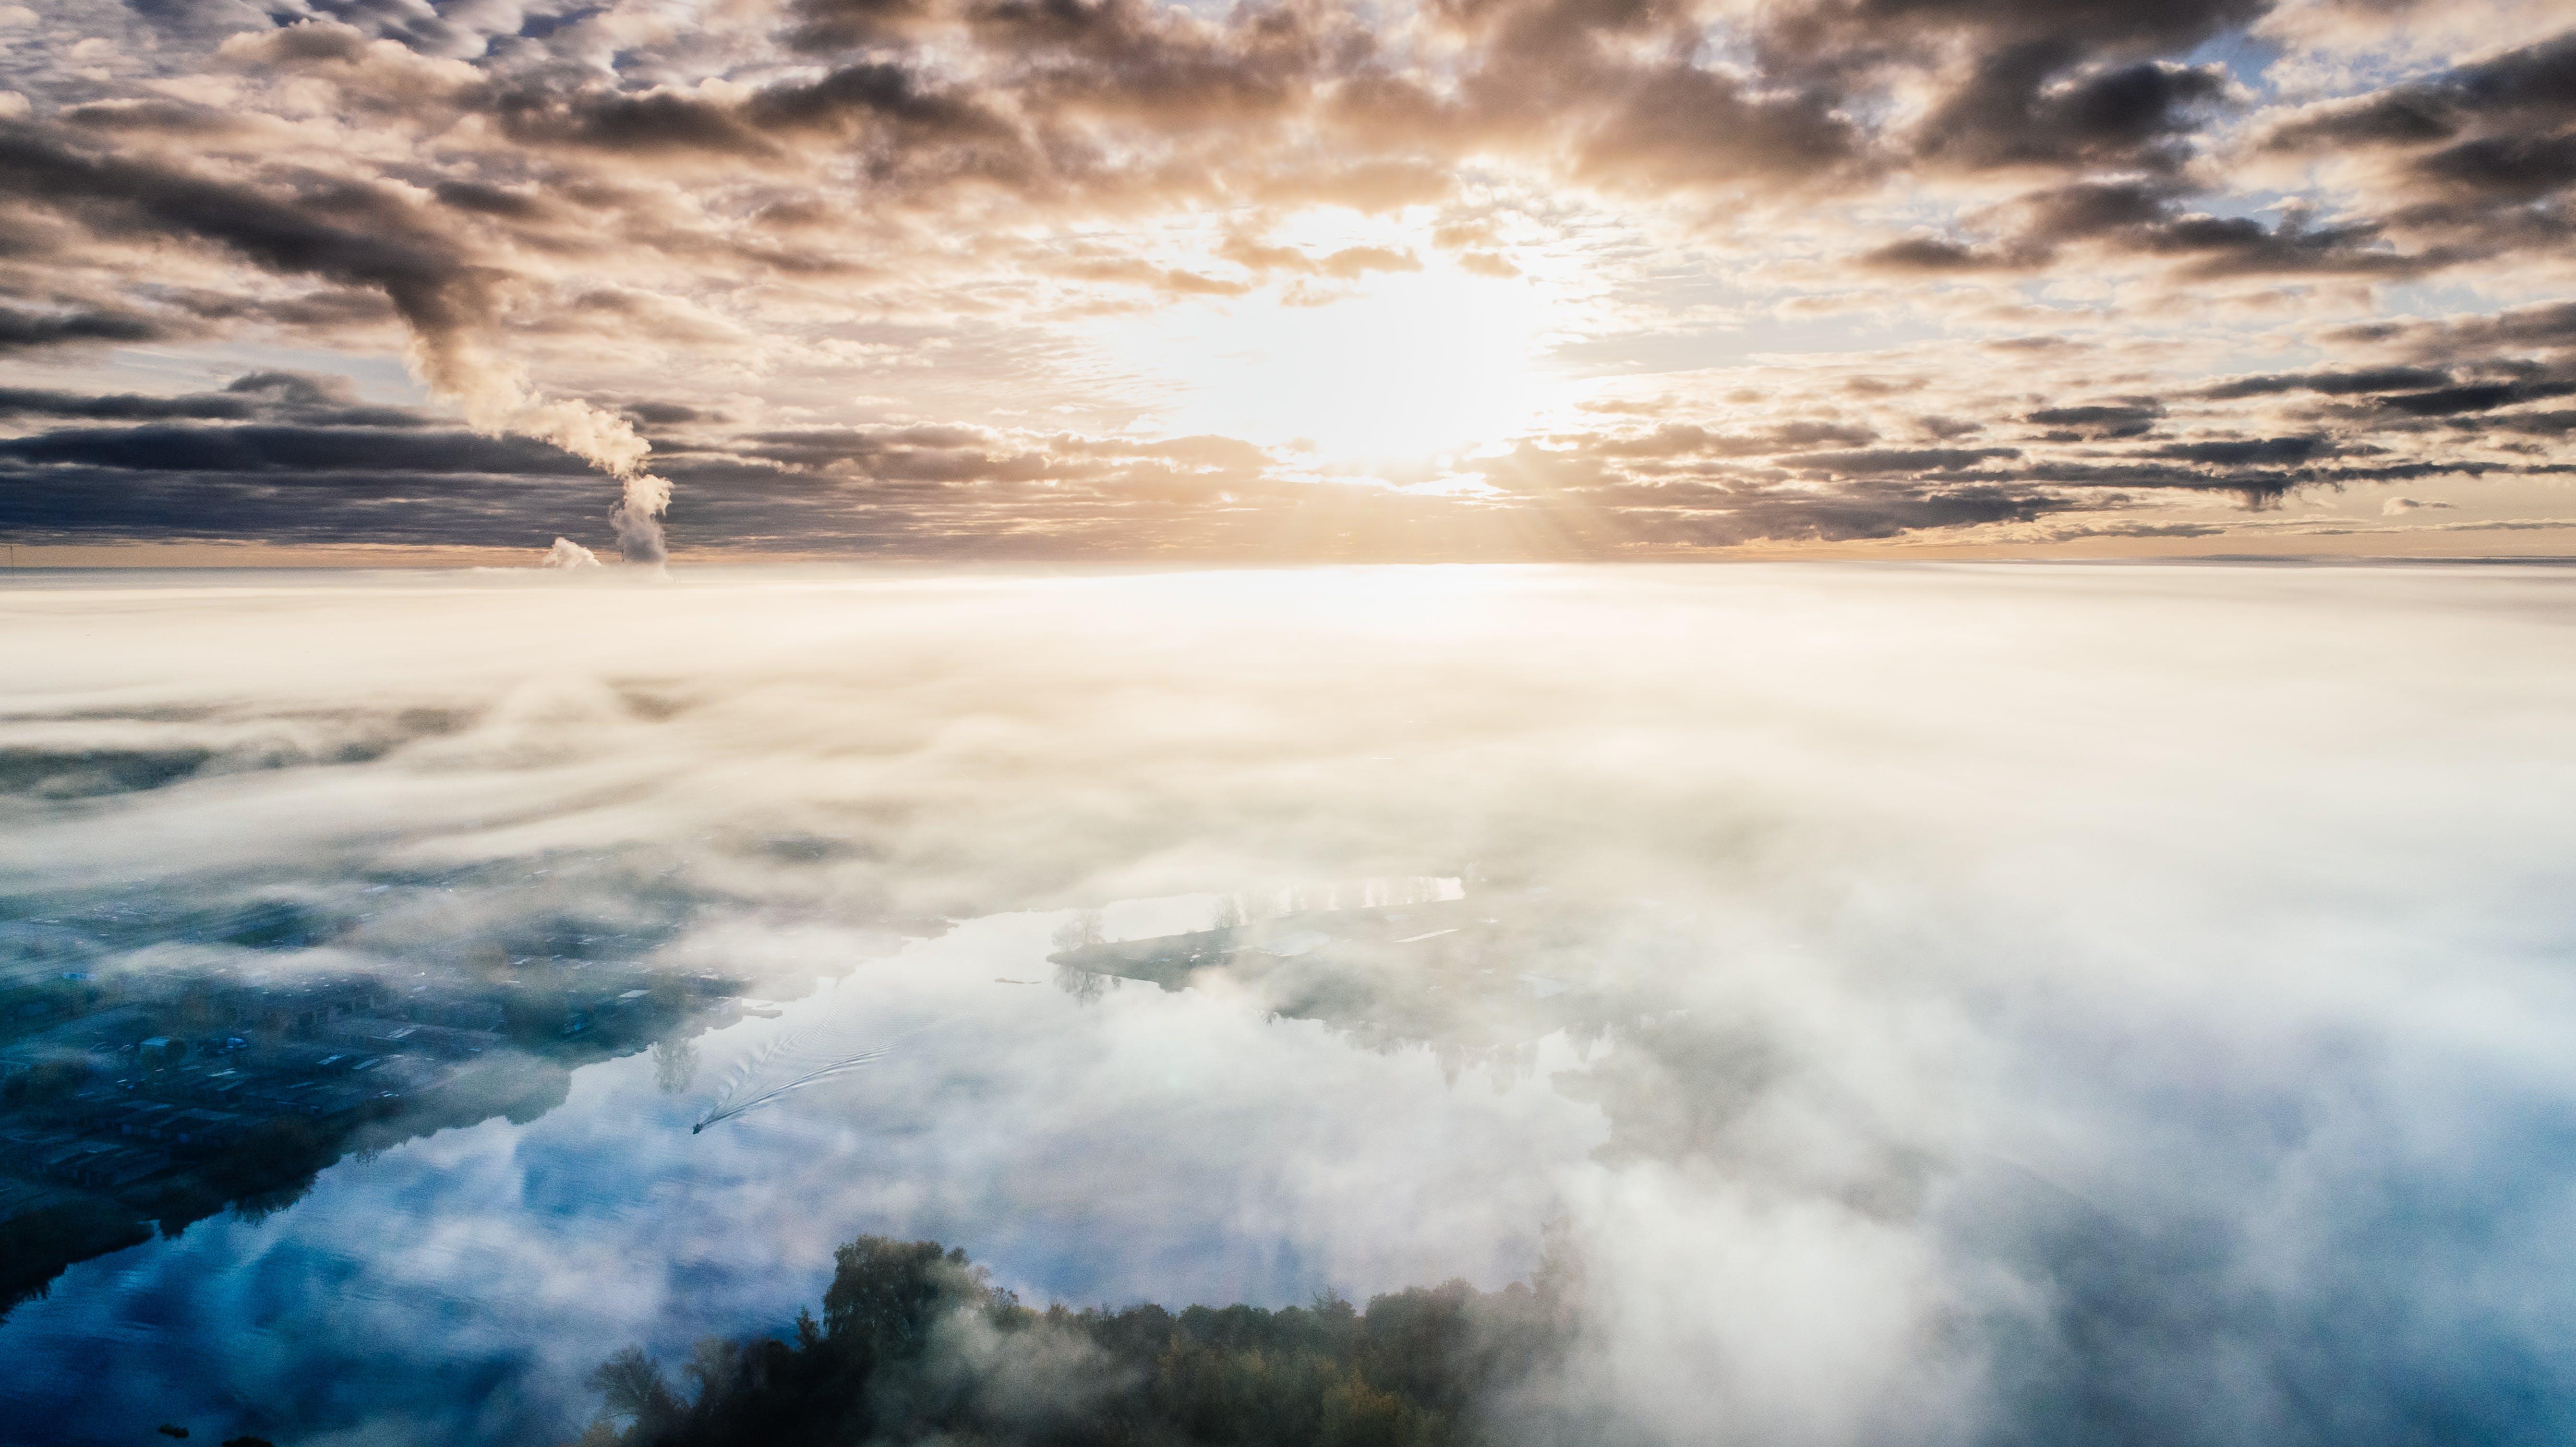 Kostenloses Stock Foto zu abend, airphoto, bewölkt, dramatisch